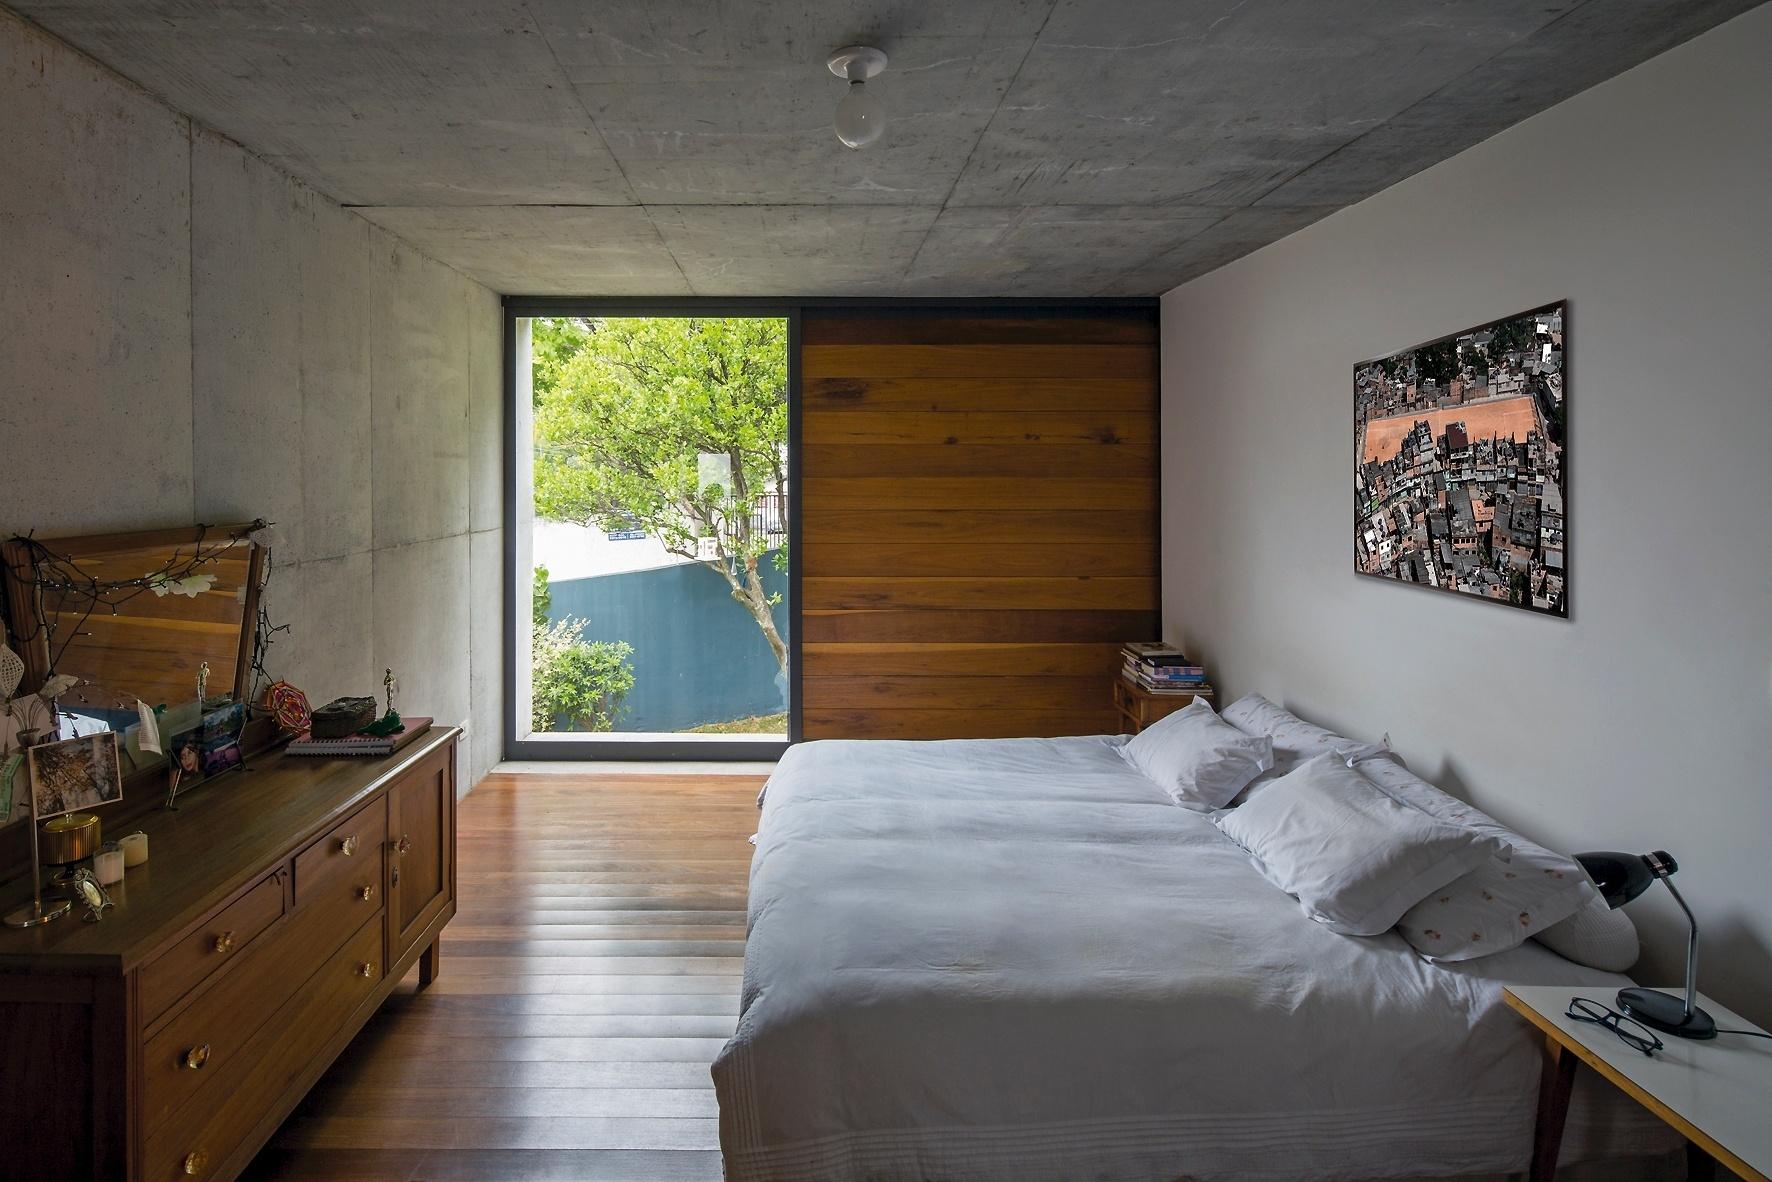 #838A41 tem vista para o jardim e piso de madeira (assoalho) além da janela  588 Janelas Em Madeira Para Quarto